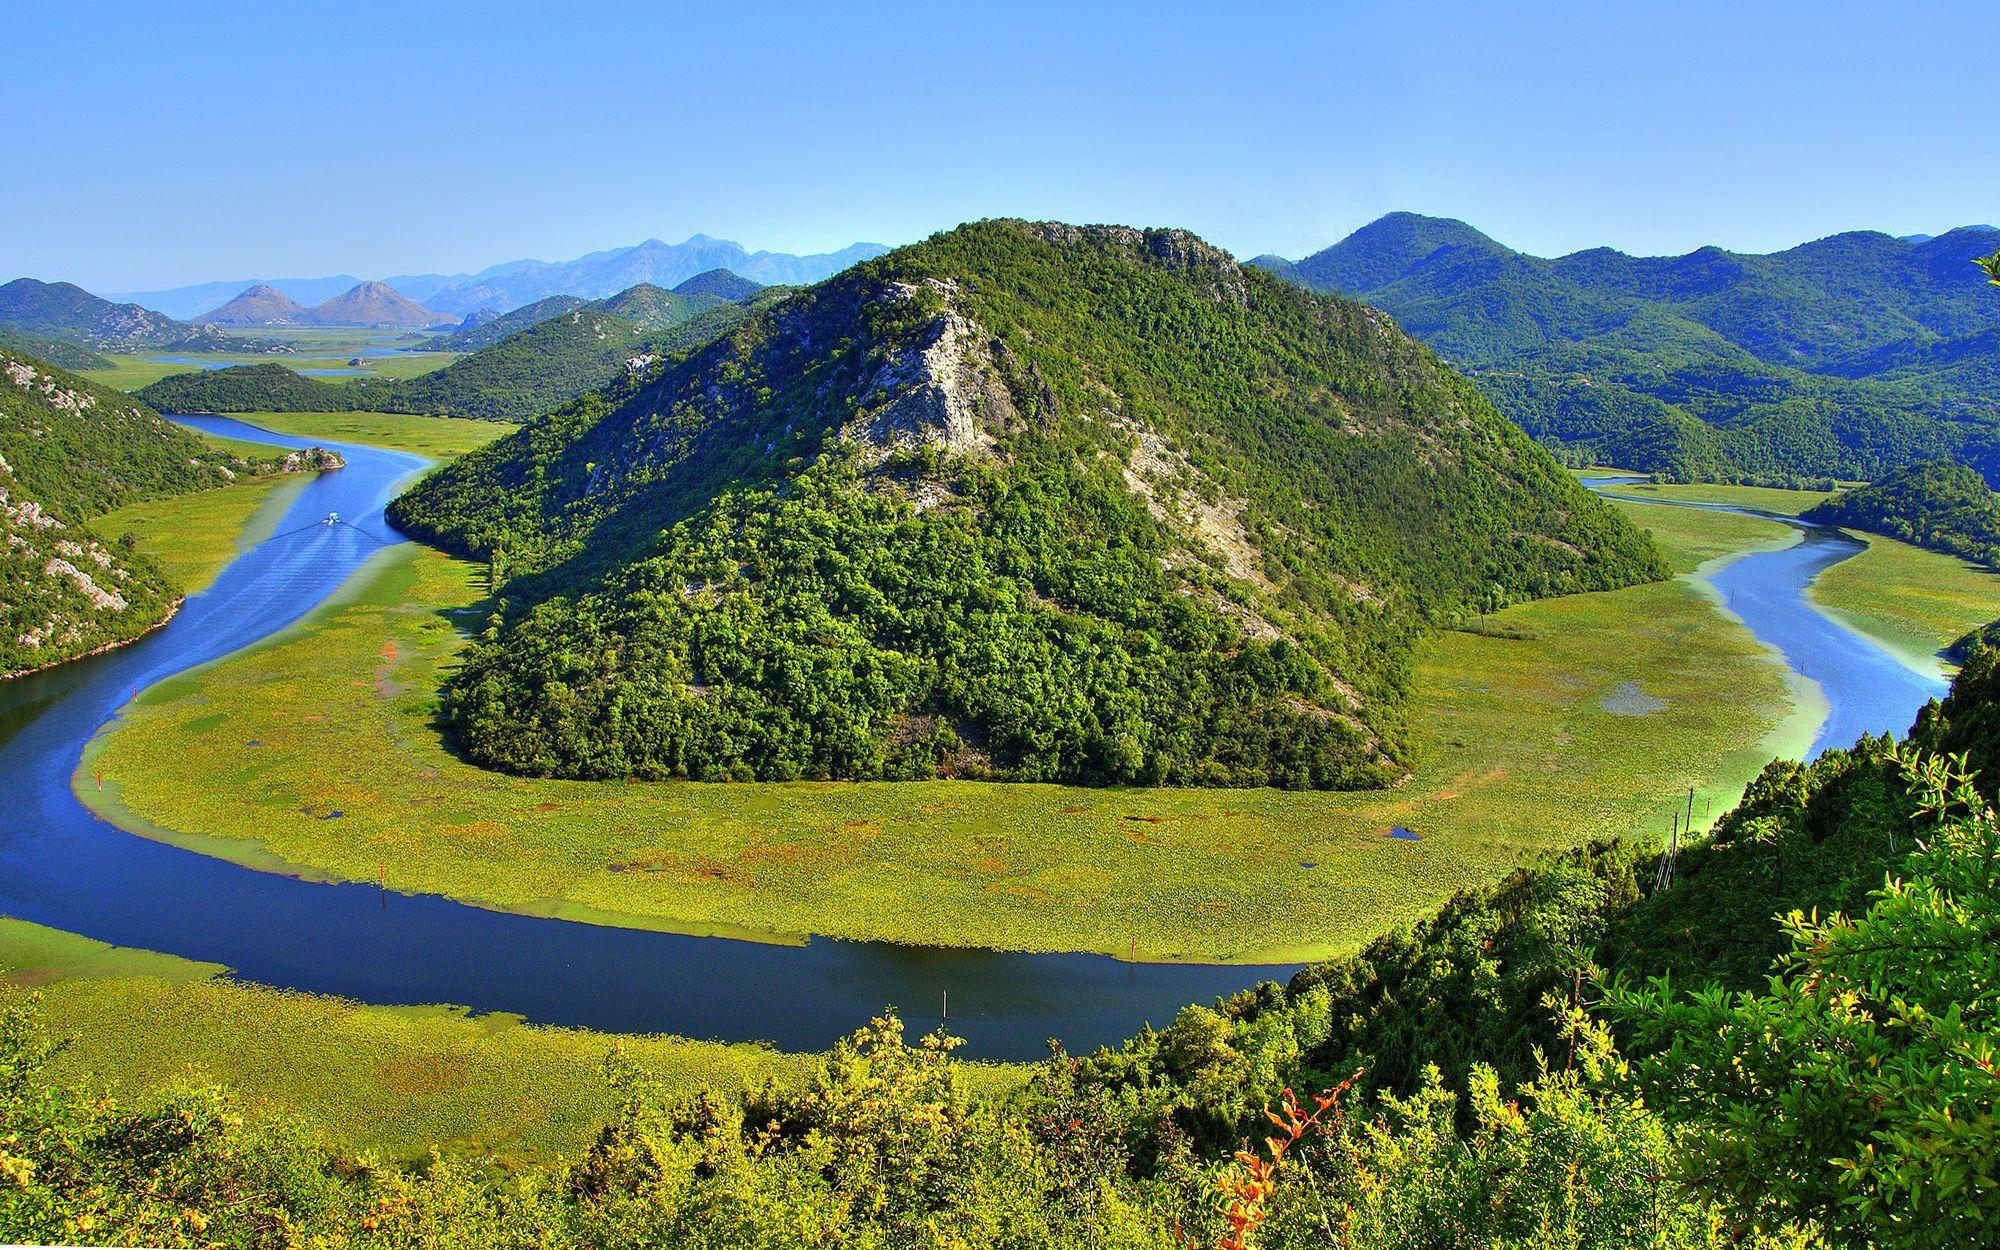 Природа пейзаж лето река остров горы